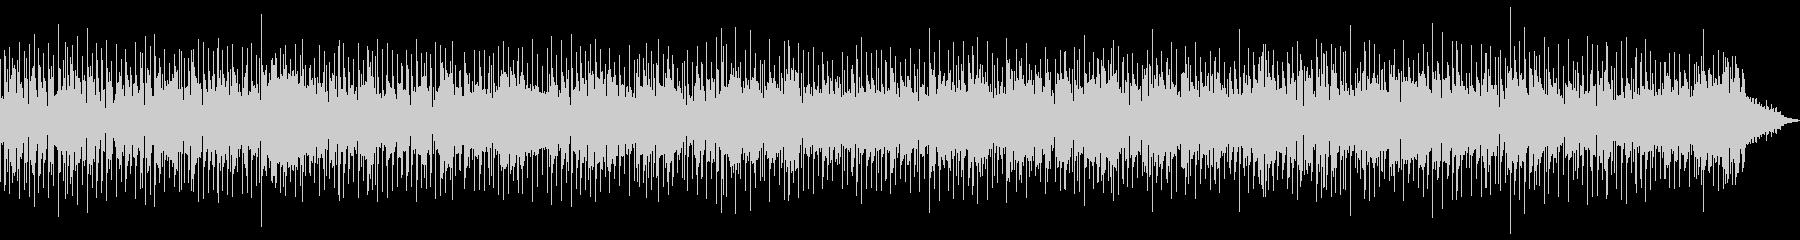 カントリー・ロックの未再生の波形